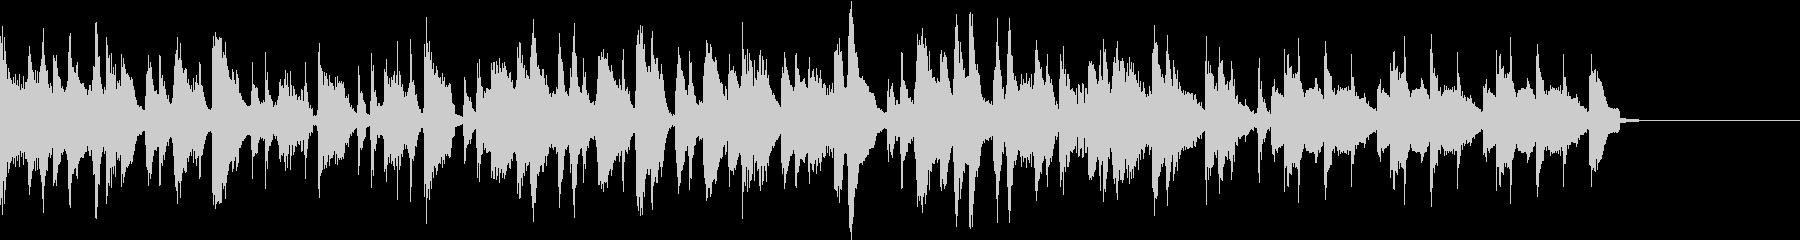 アップライトピアノのトロピカルナンバーの未再生の波形